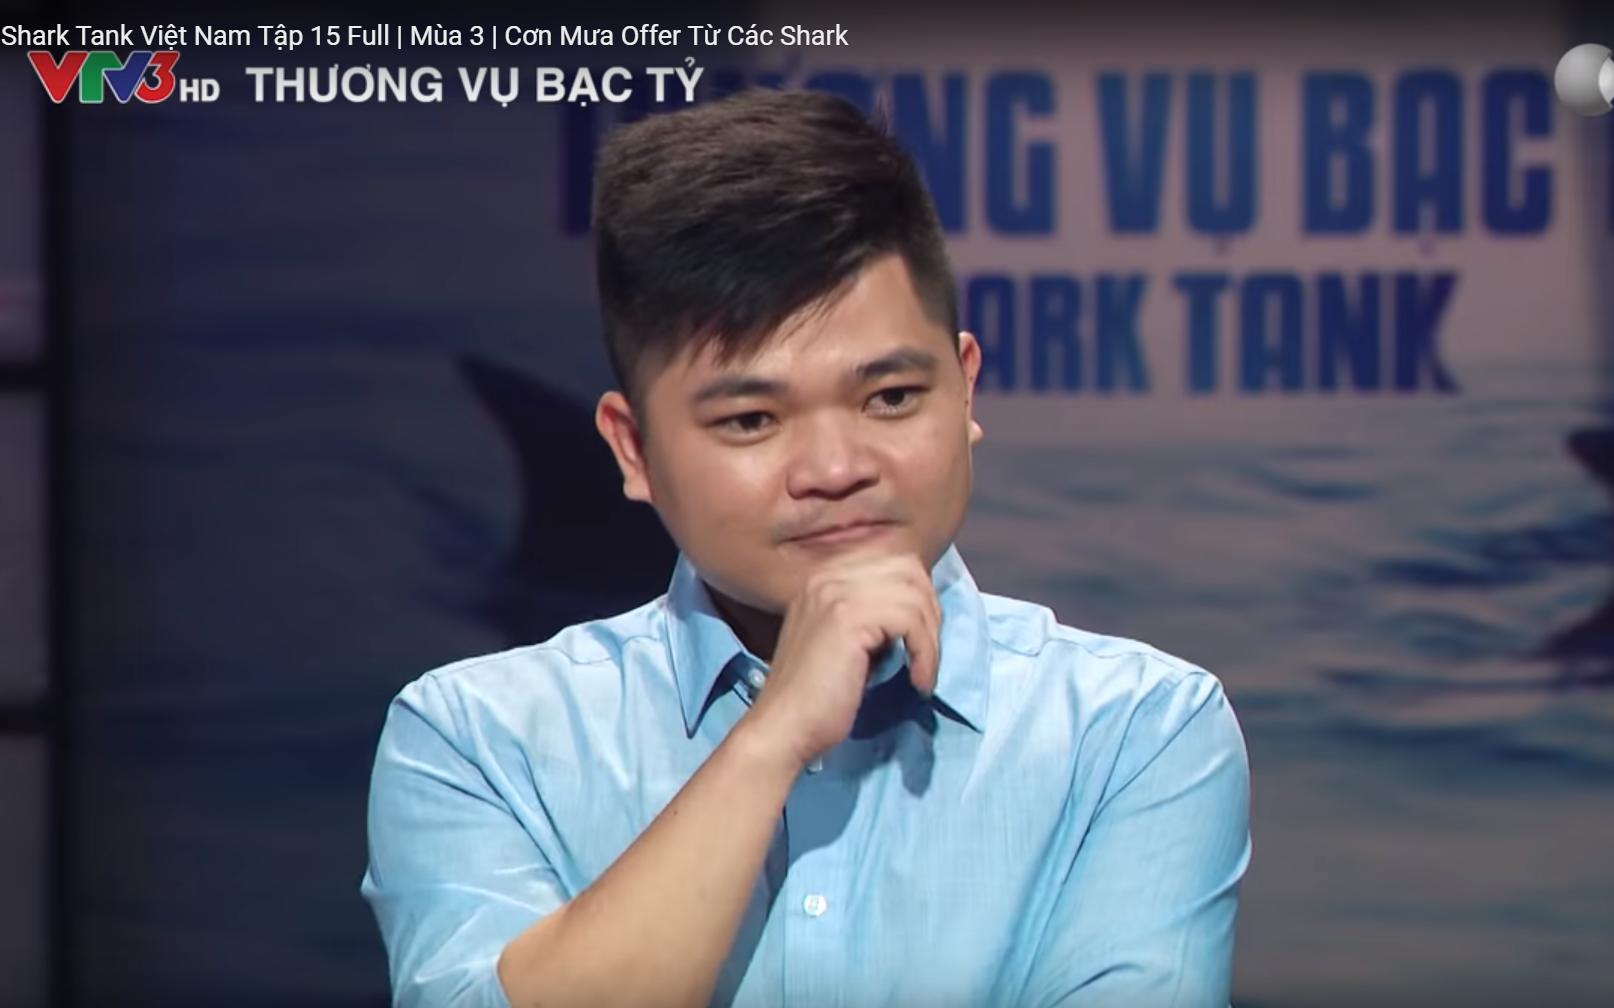 """""""Giải ngố"""" thuật ngữ Shark Tank cùng Shark Dzung: Founder sở hữu 46% cổ phần, Shark lấy 40% thì Founder còn lại bao nhiêu? Vì sao offer 1 tỷ đồng đổi 10% của Shark Dzung lại hời hơn 4 tỷ đồng đổi 40% của Shark Hưng?"""